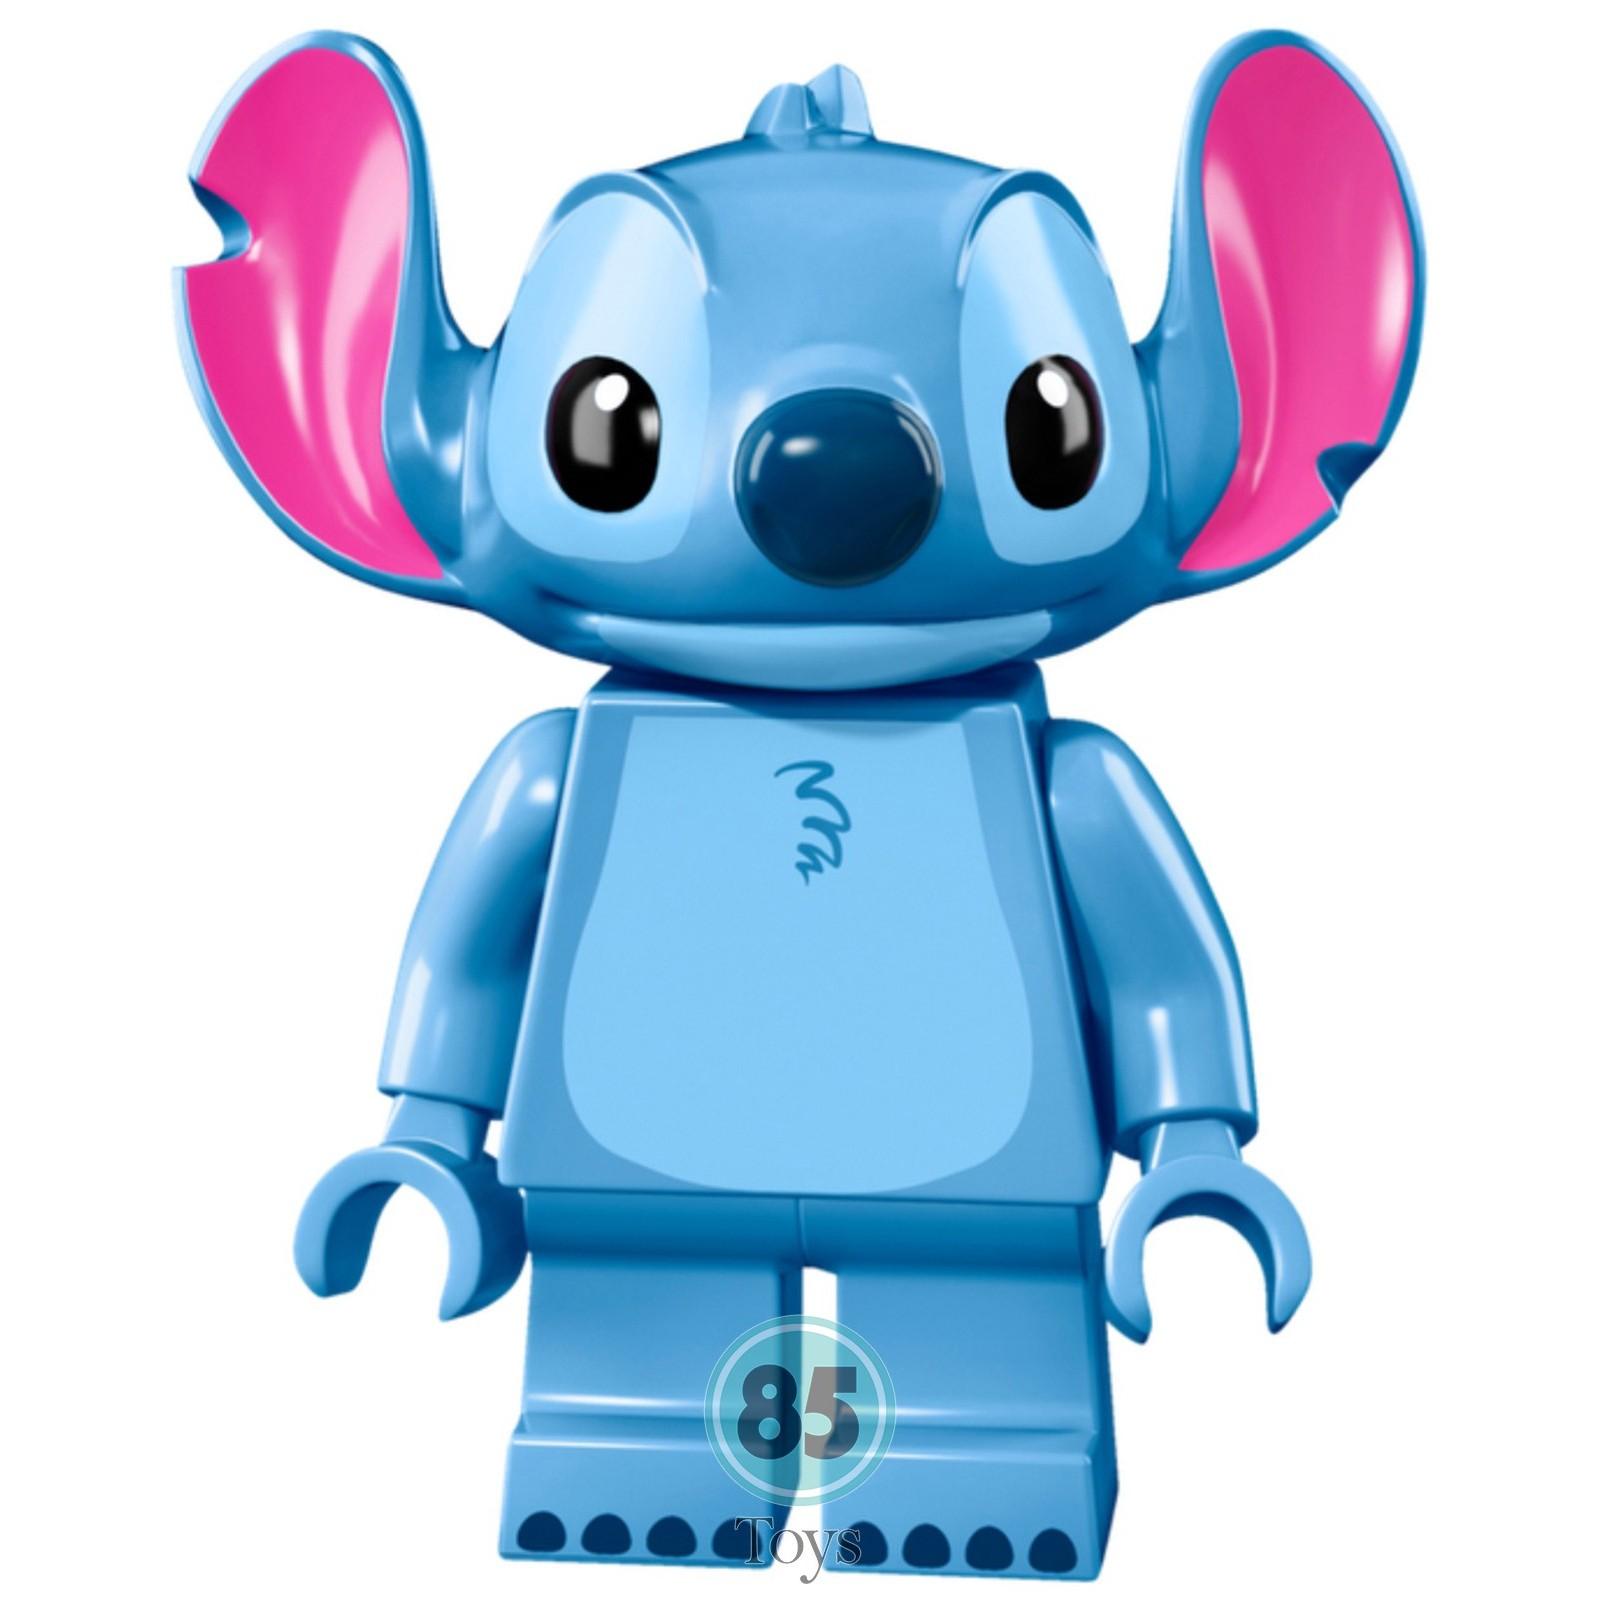 1600x1600 Lego Minifigure Stitch